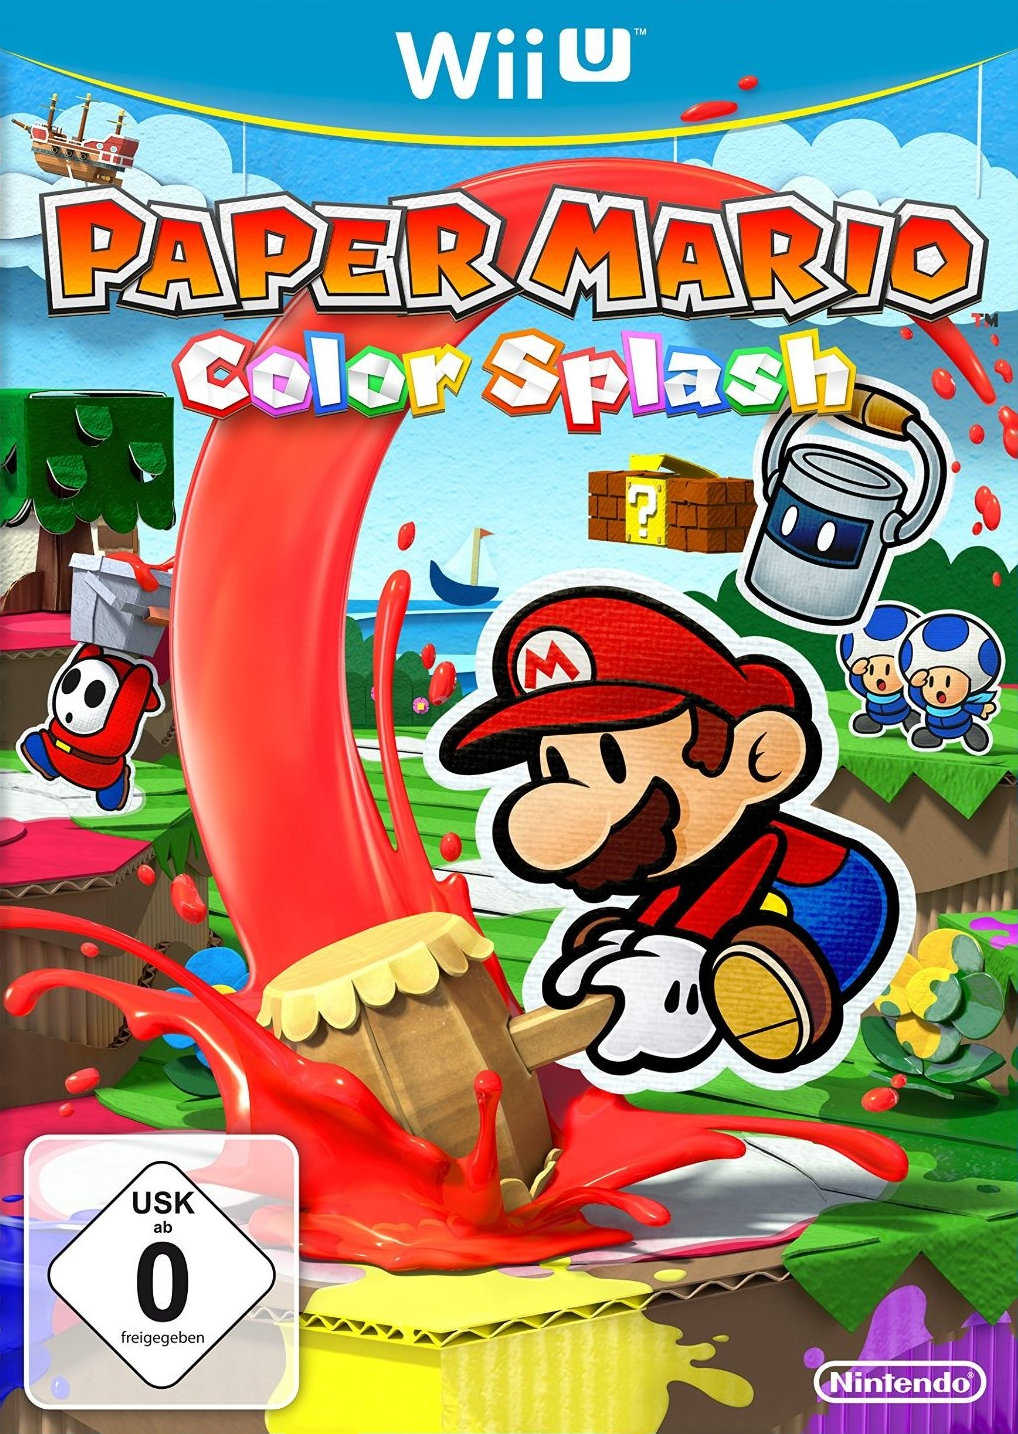 nintendo wii u paper mario color splash fuer 17 e inkl versand statt 2899e